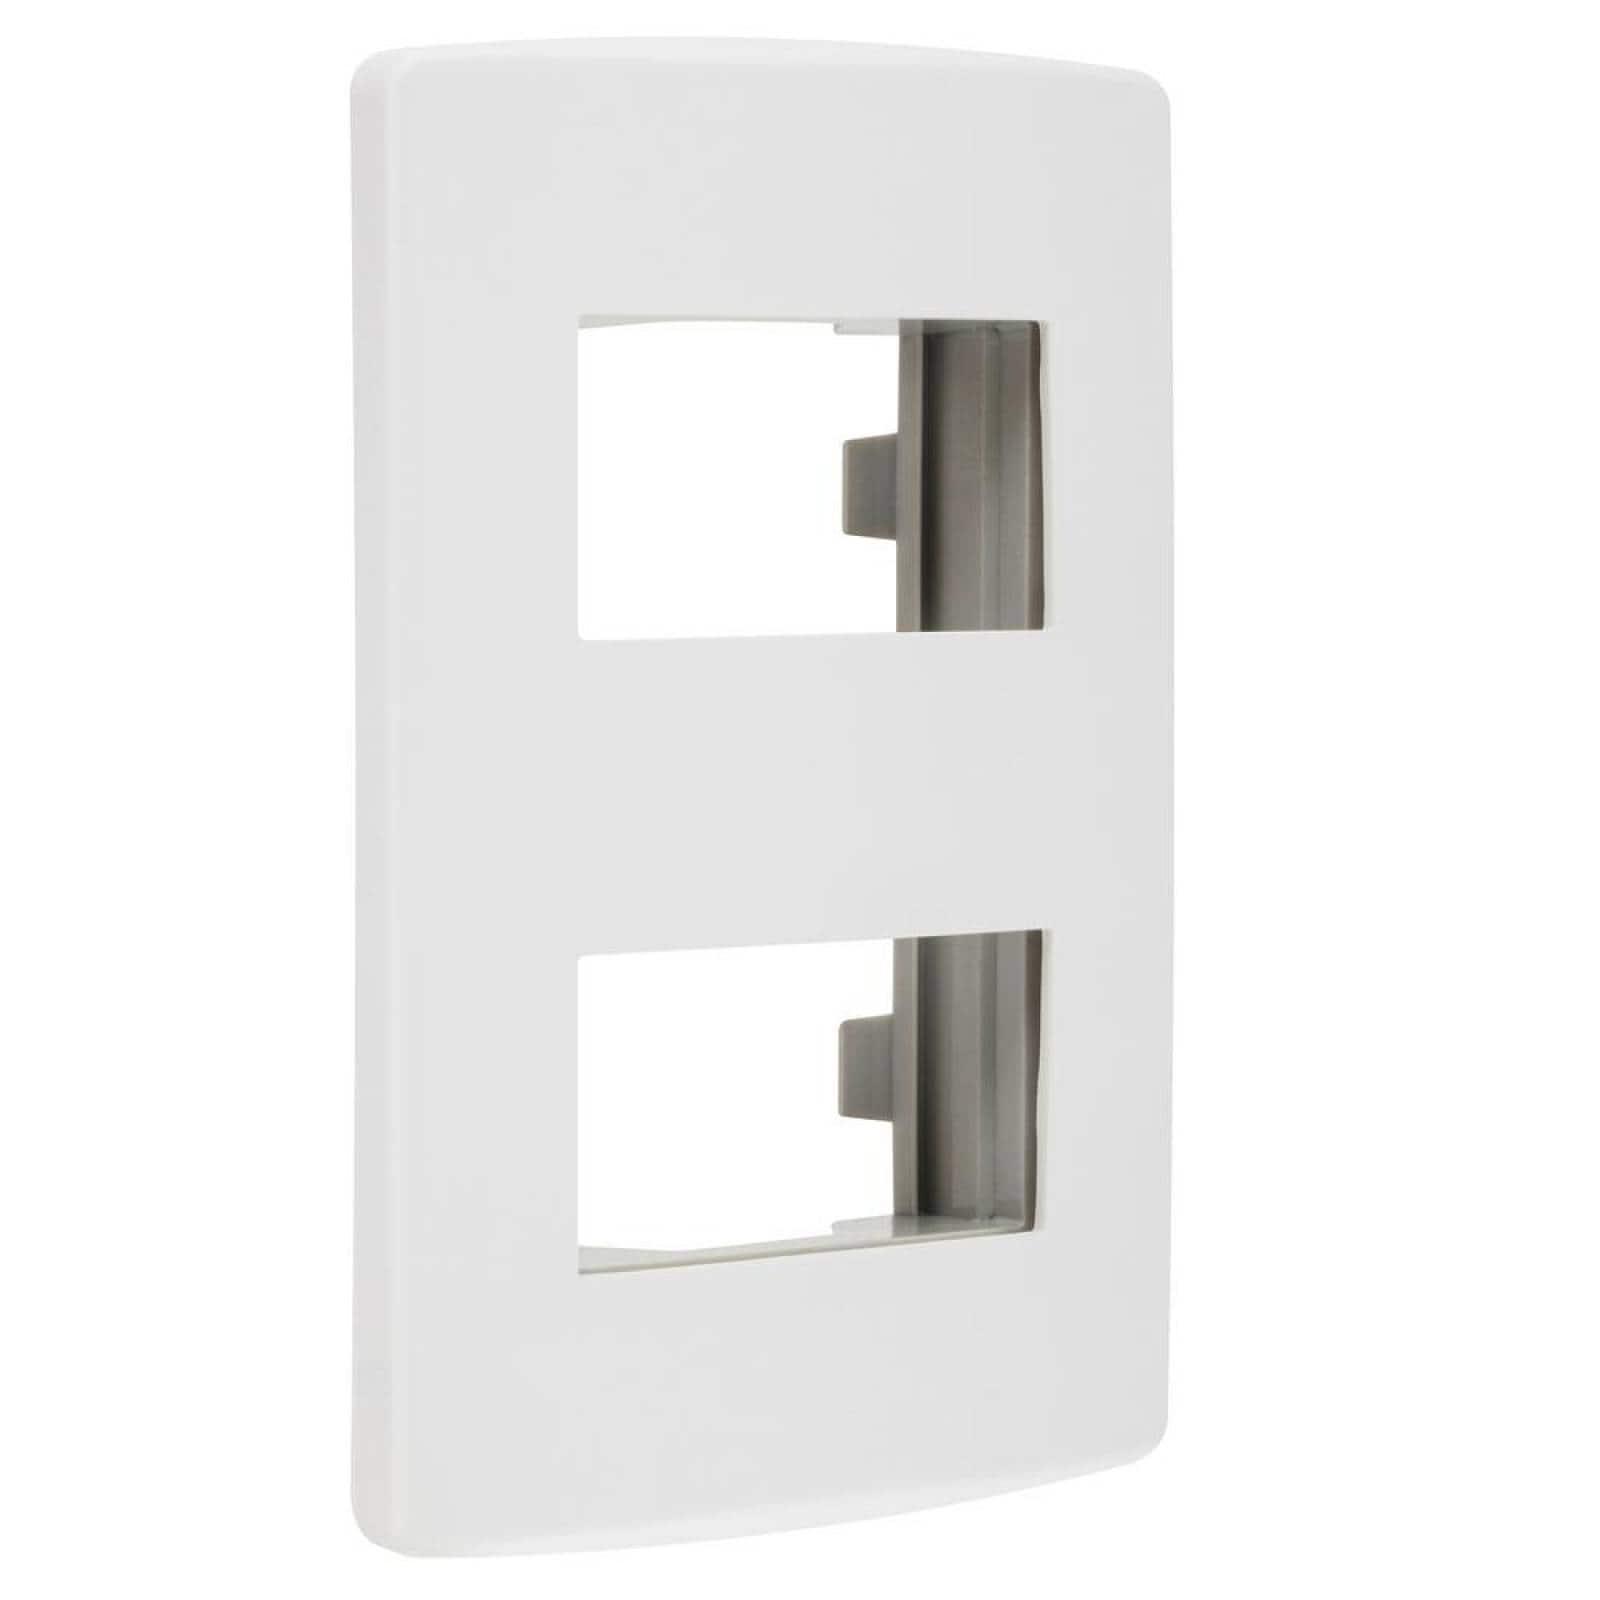 Placa Scudetto Prime de 2 ventanas blanco brillante